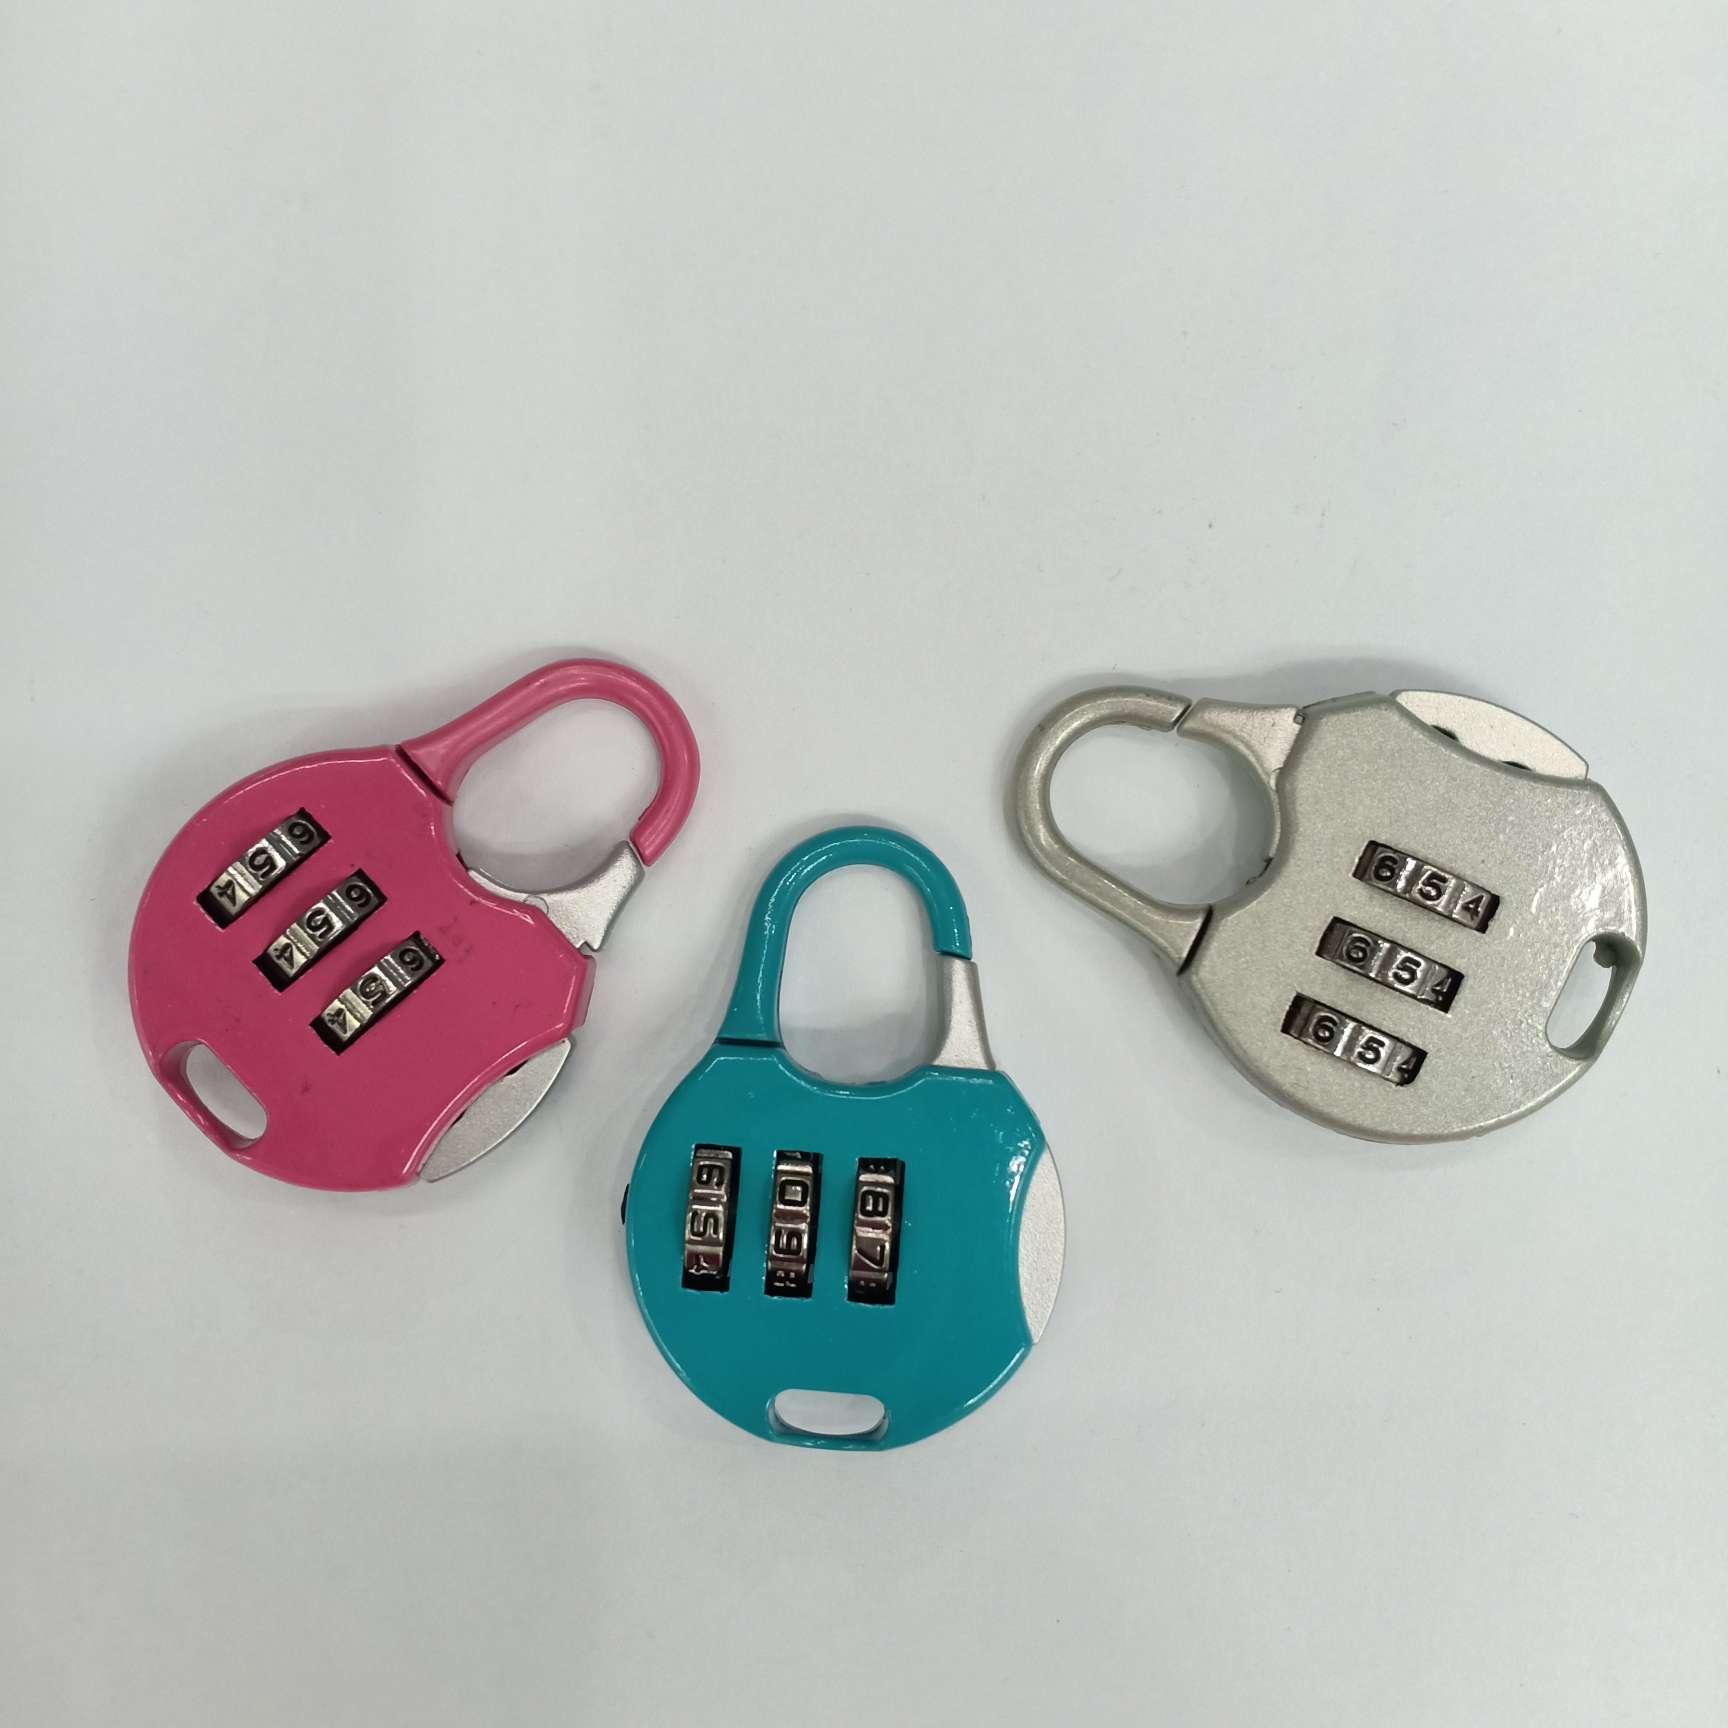 [方圆密码锁]彩盒密码锁箱包旅行箱密码挂锁学生小锁头